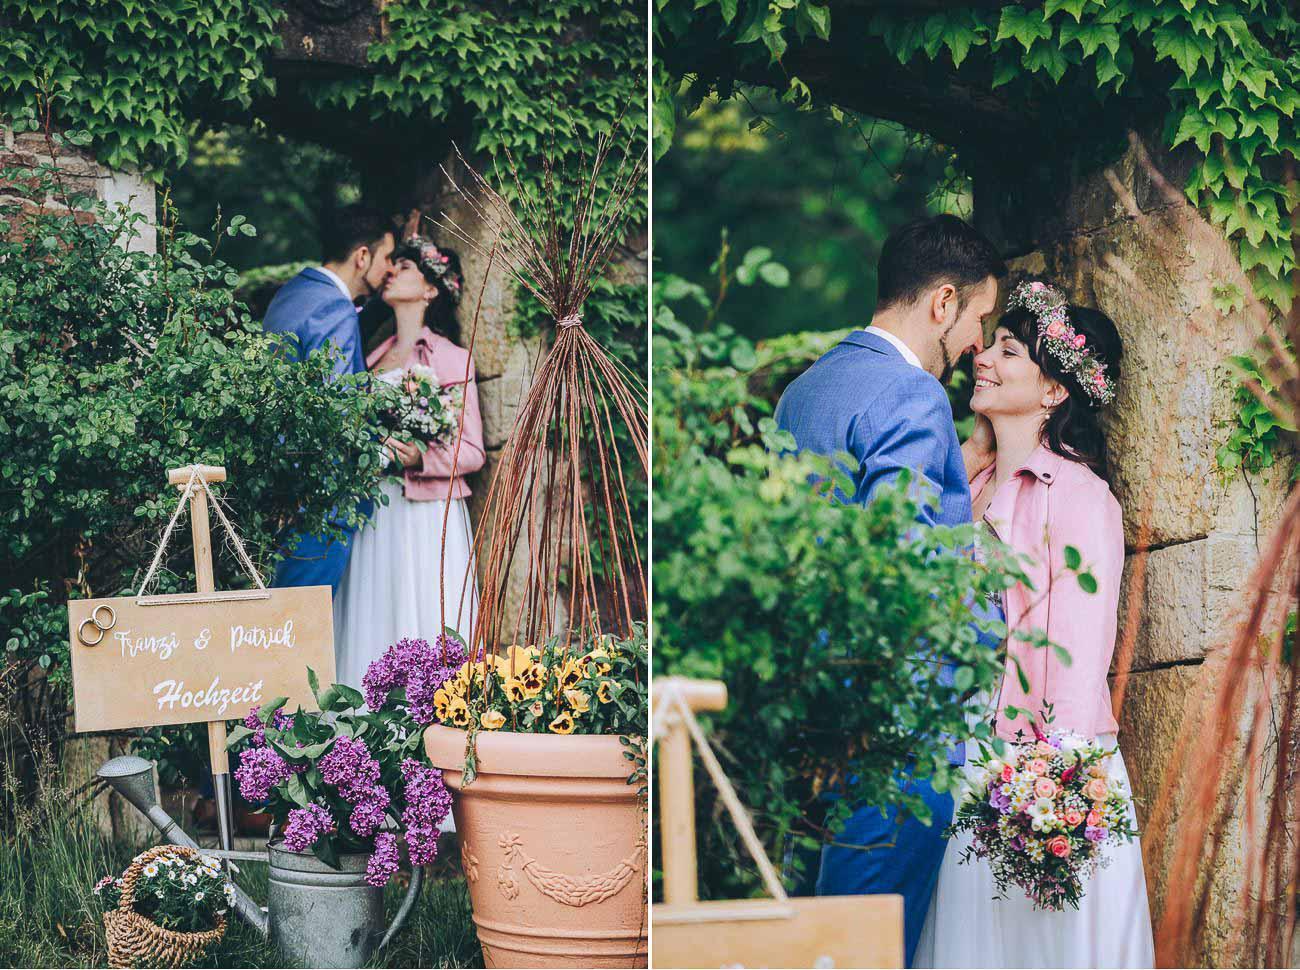 Brautpaarbilder_Weingut_Hofloeßnitz_Hochzeitsfotograf_076-_